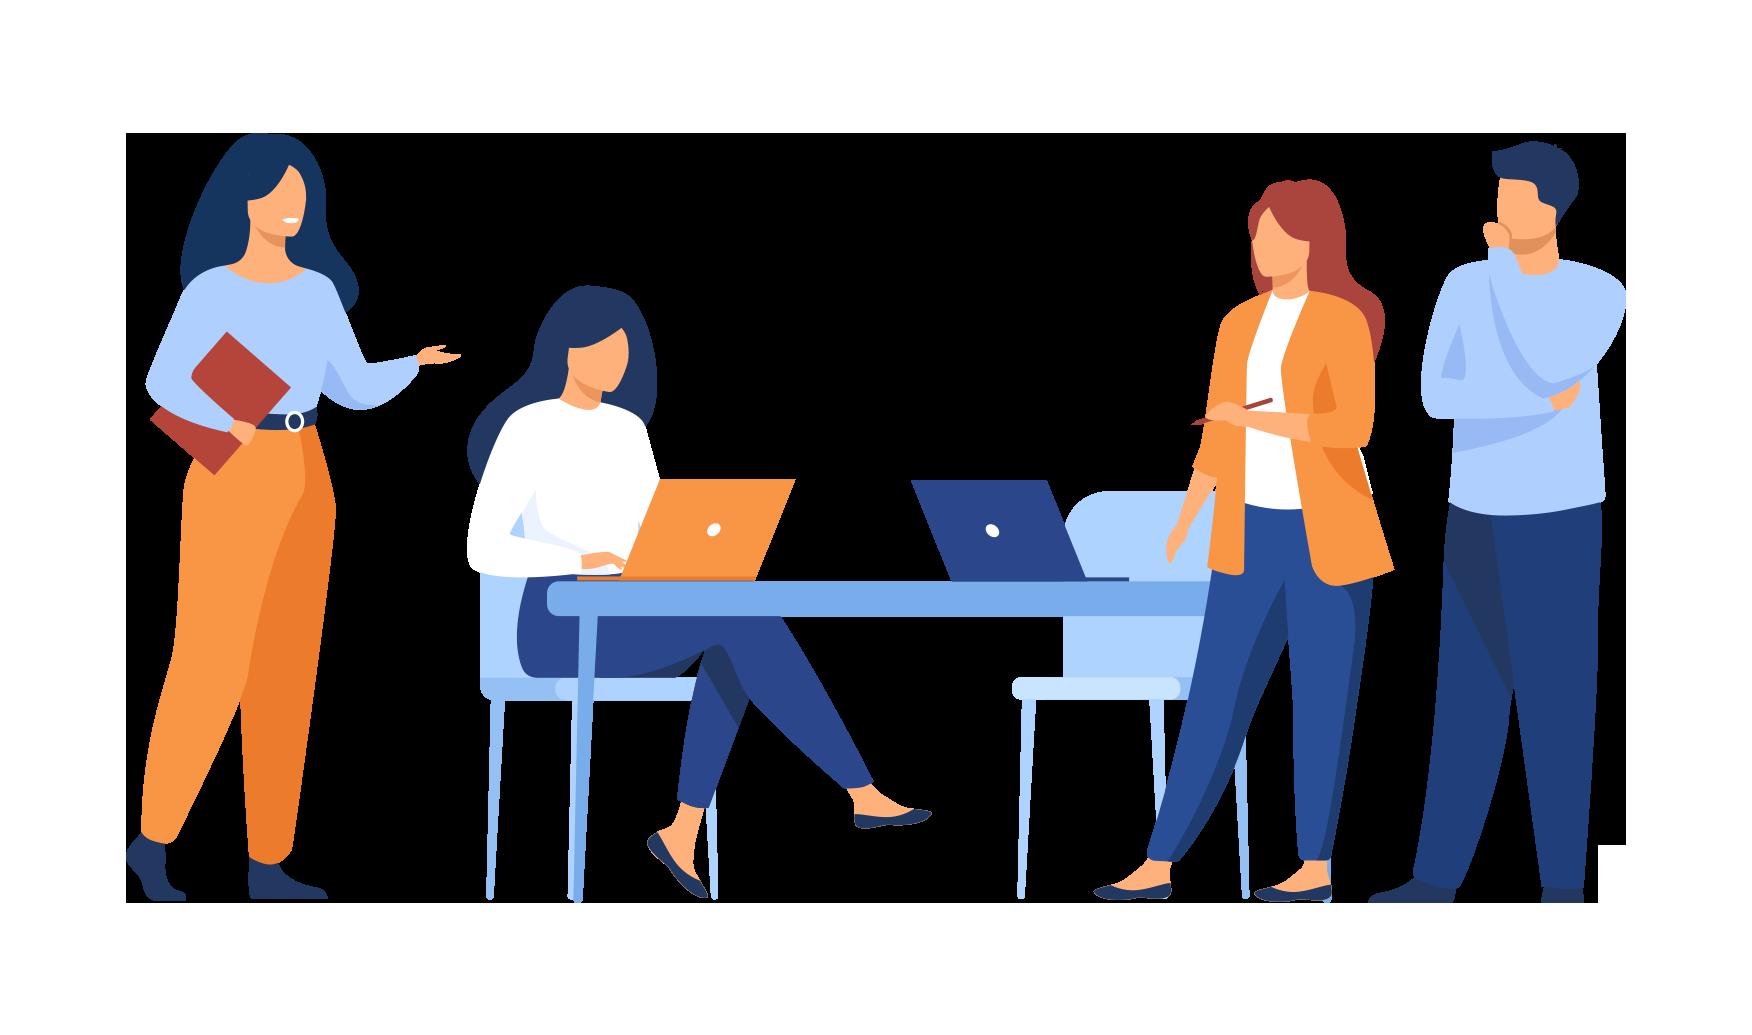 Icono de gente trabajando en la oficina con fondo transparente - Apambu